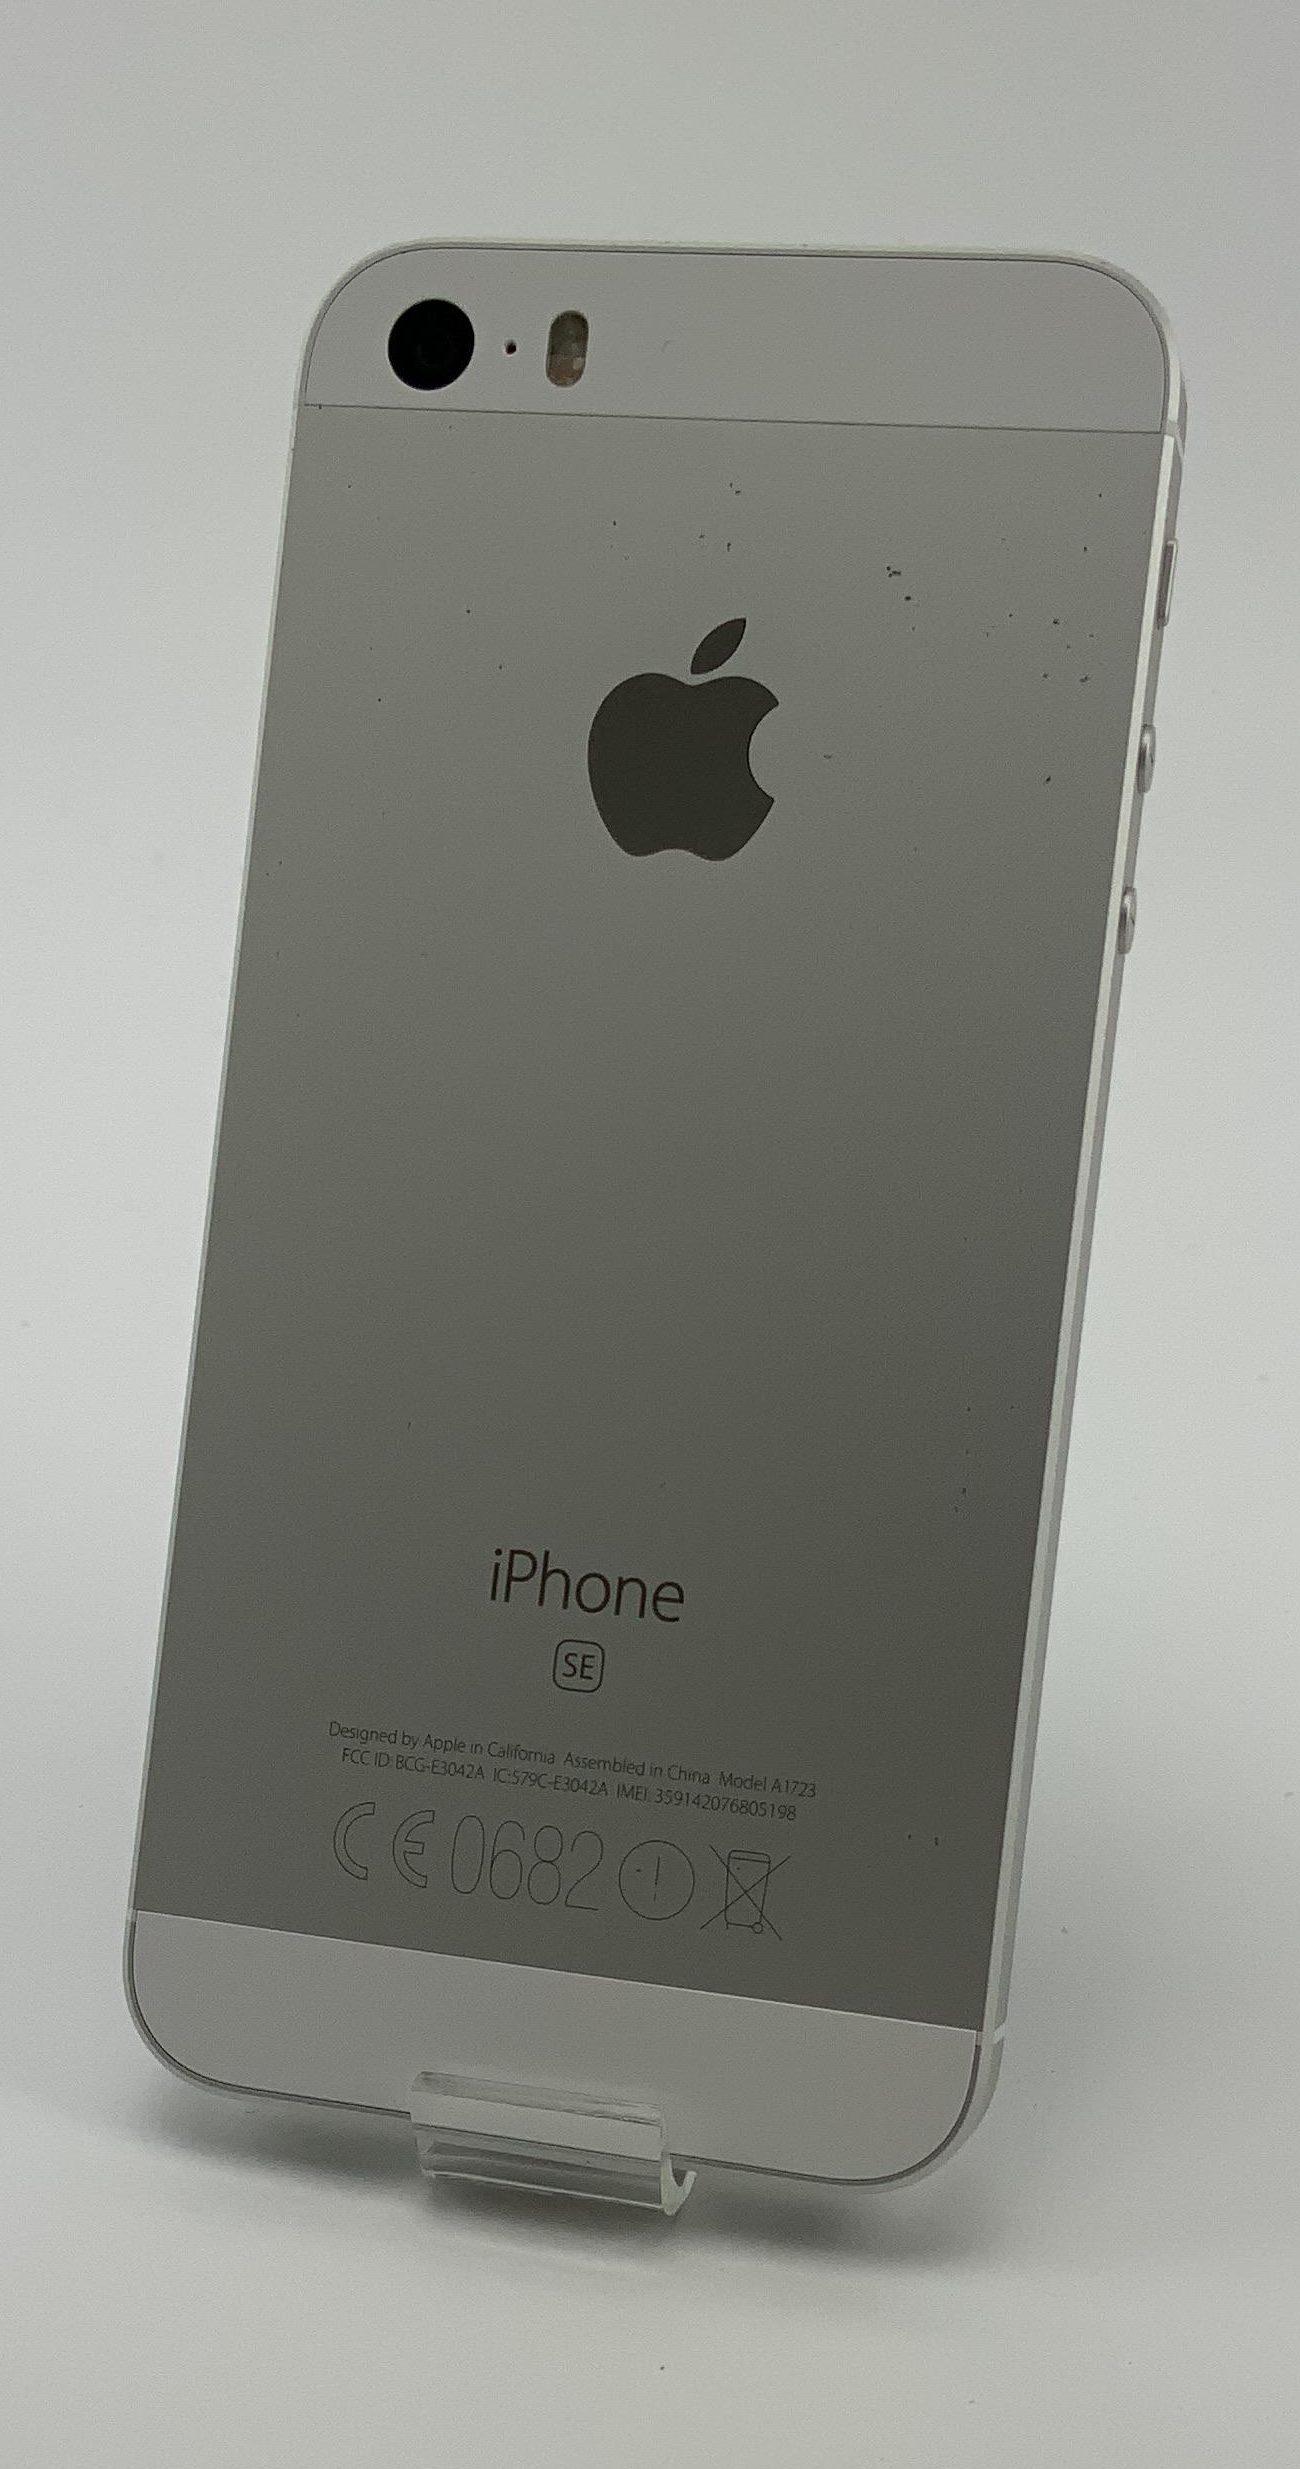 iPhone SE 16GB, 16GB, Silver, immagine 2